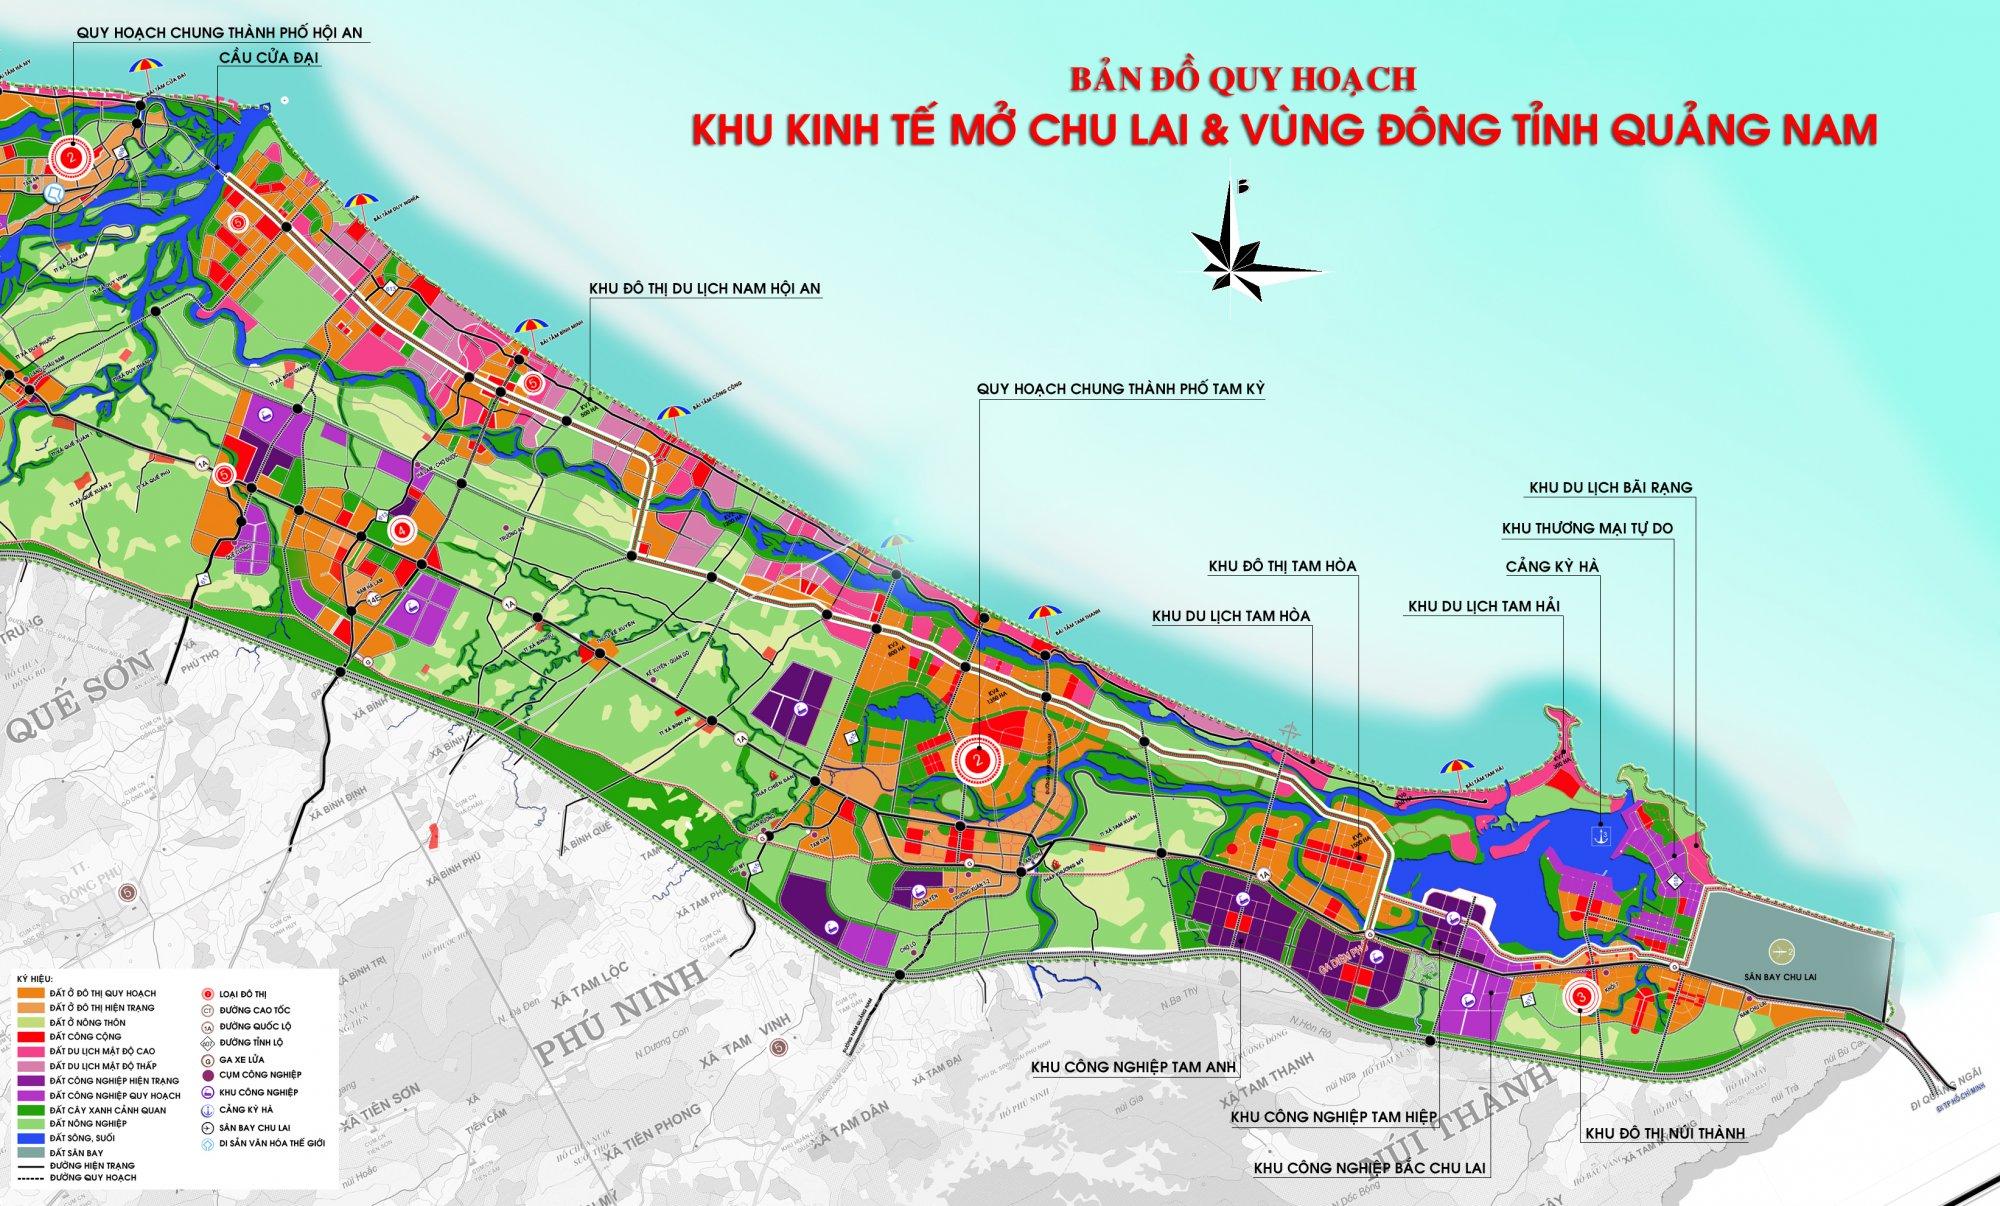 VINPEARL NAM HỘI AN (Hoi An Vinpearl Resort)